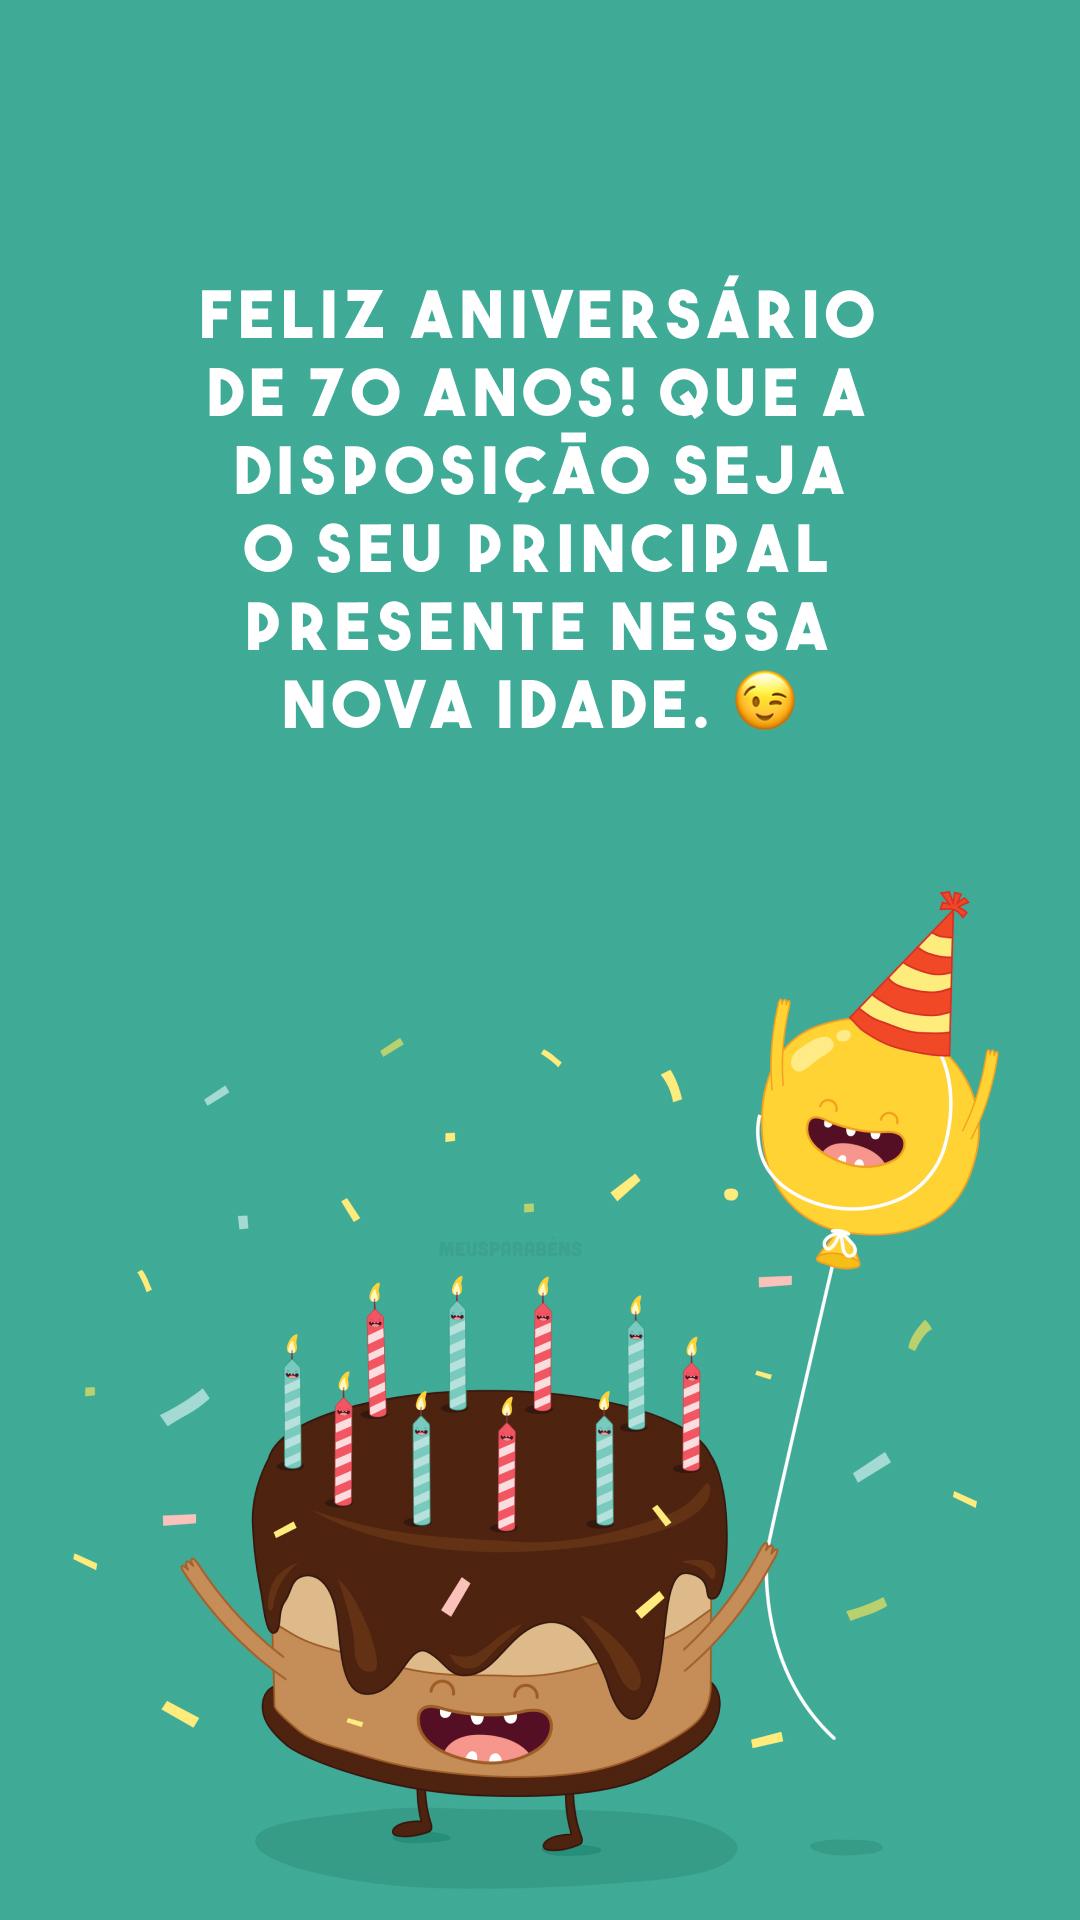 Feliz aniversário de 70 anos! Que a disposição seja o seu principal presente nessa nova idade. 😉